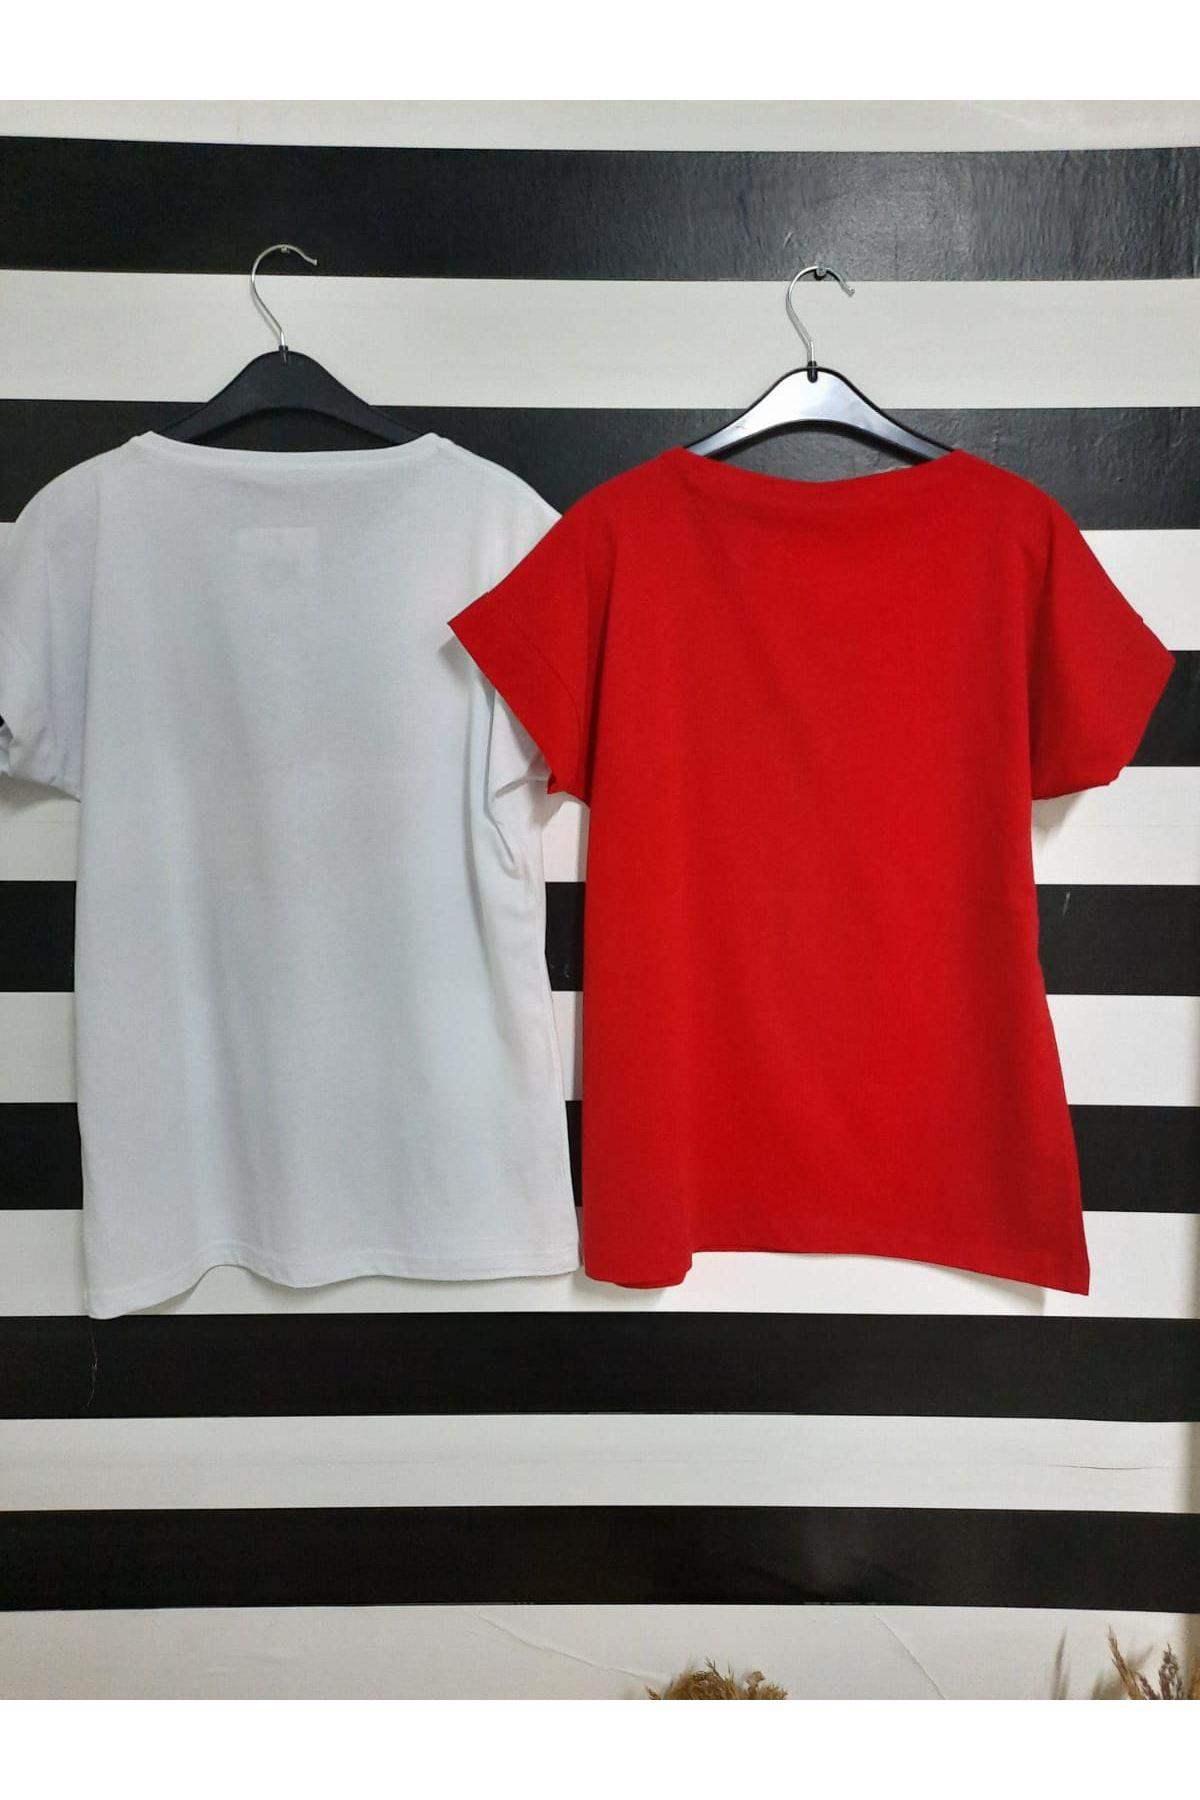 Dudak Ve Yazı Baskılı Tshirt - BEYAZ